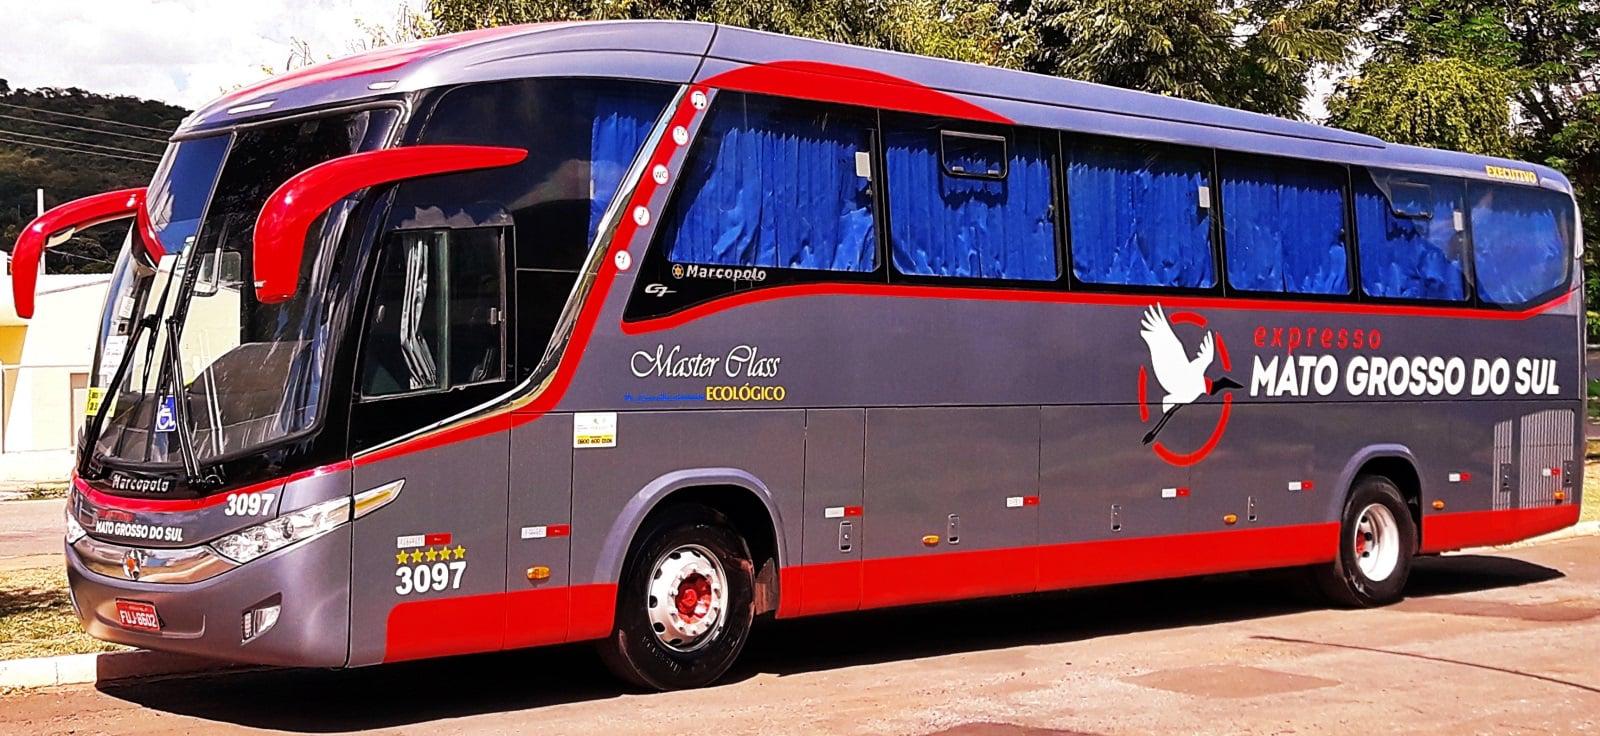 Frota Ônibus Expresso Mato Grosso